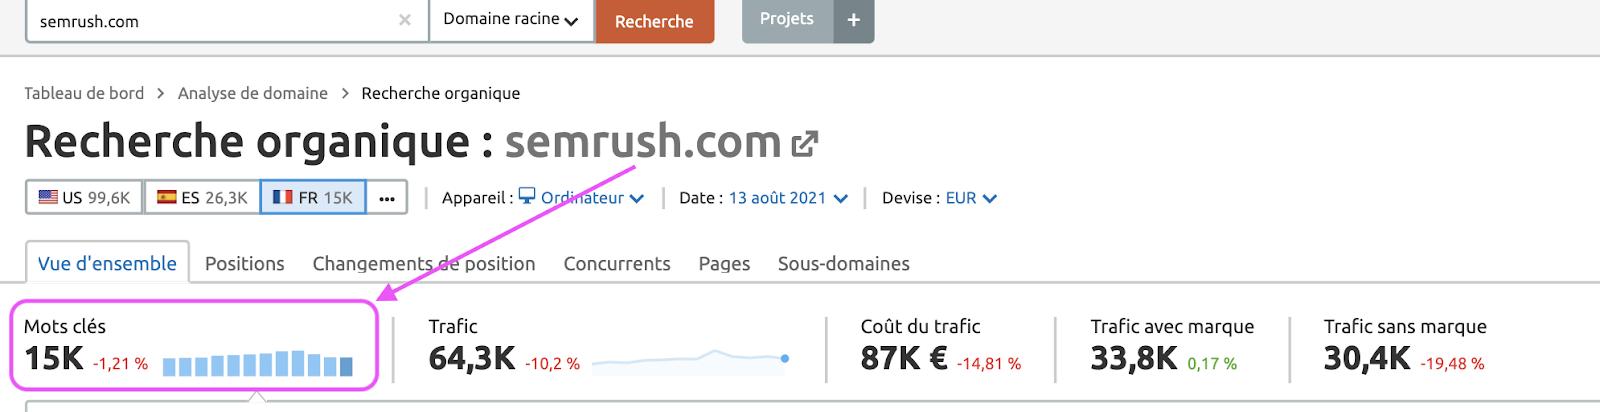 Guide SEMrush: le meilleur outil SEO et marketing digital ? (2021) 2